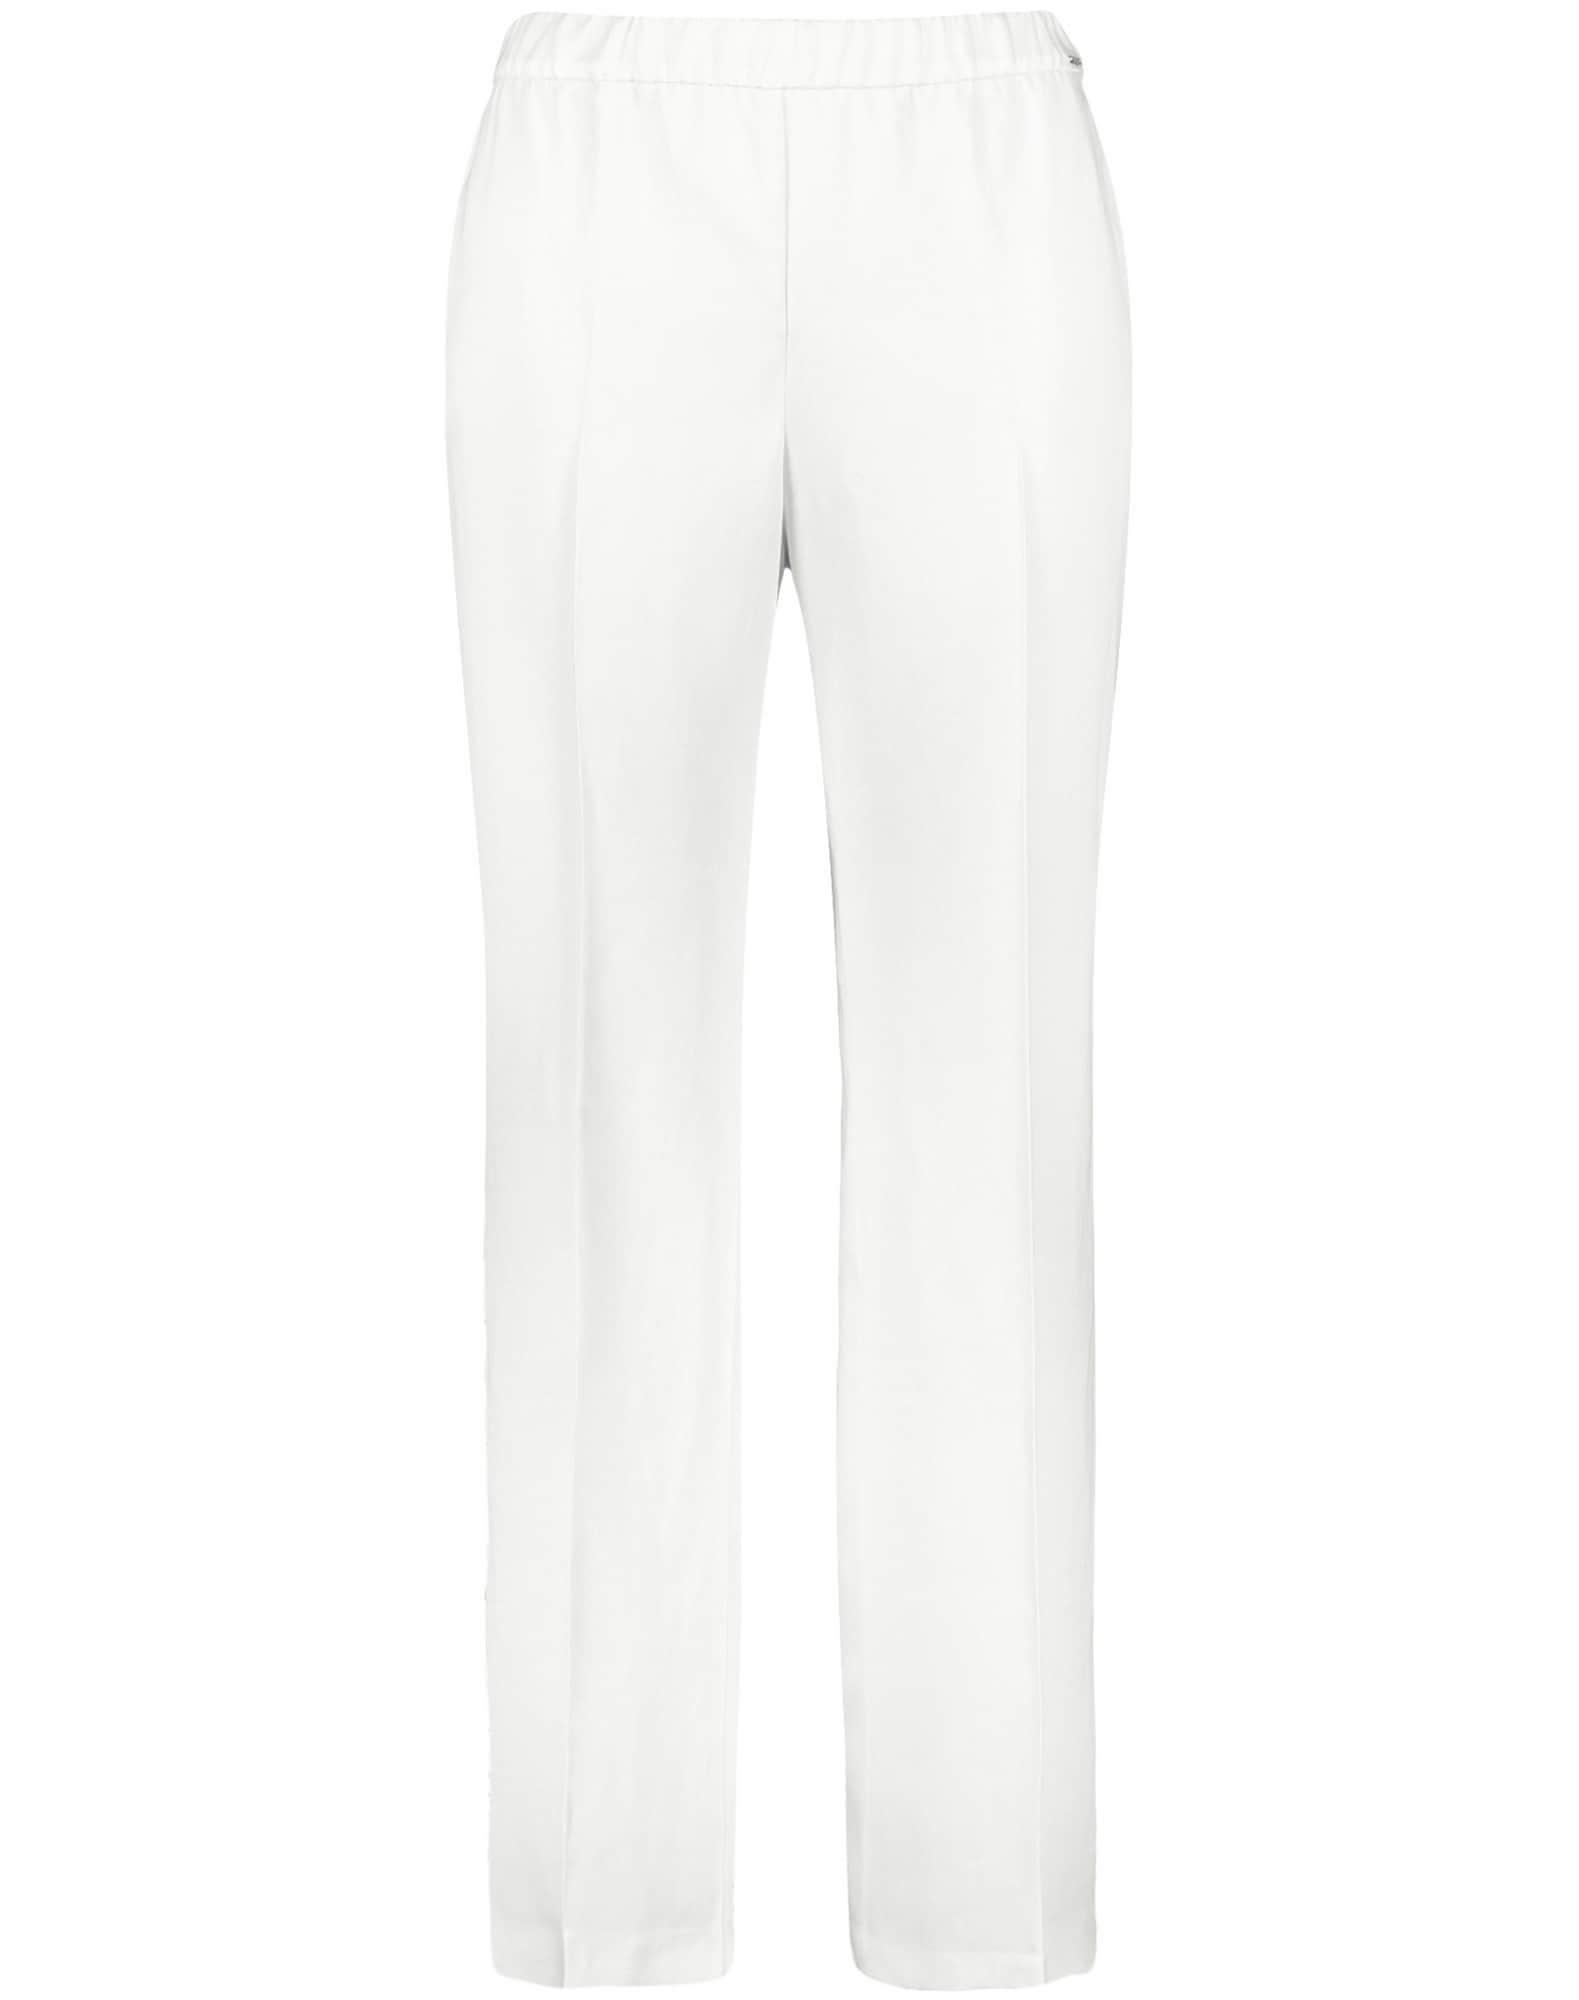 SAMOON Kelnės balta